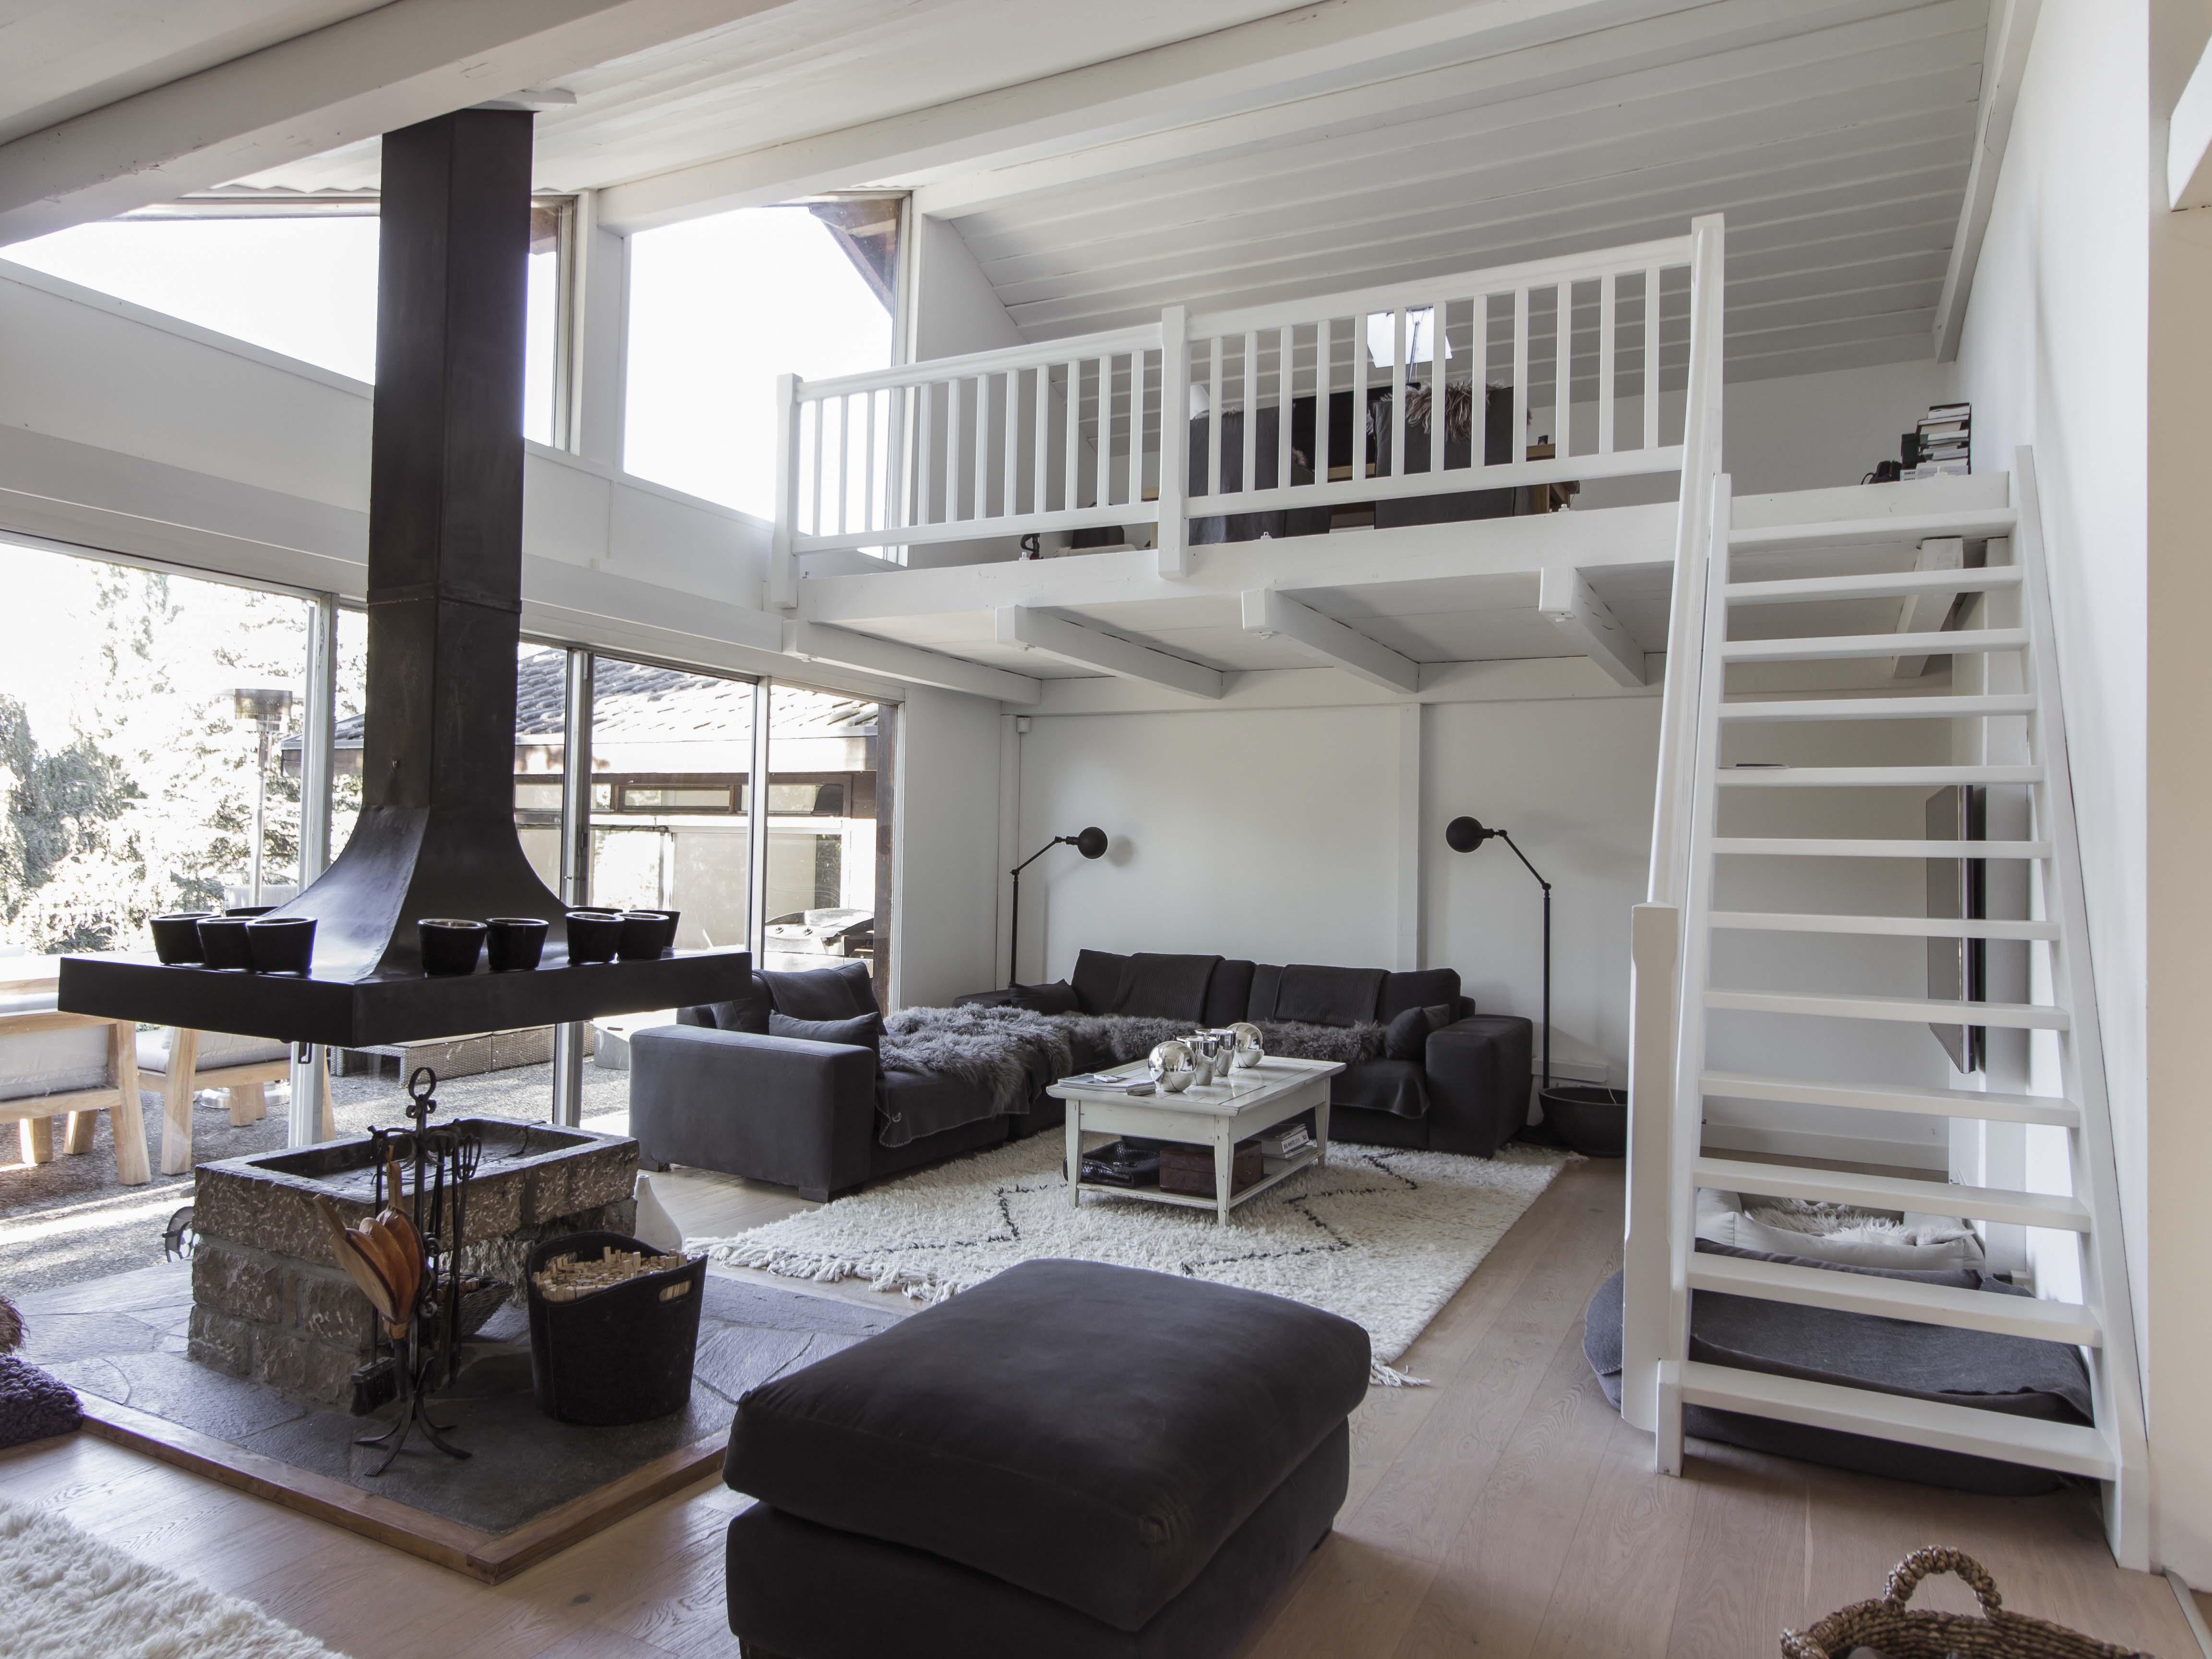 CSDK Architectes Renovation Woodenhouse 06 - Rénovation d'une maison en bois - Genève - CSDK Architectes Renovation Woodenhouse 06